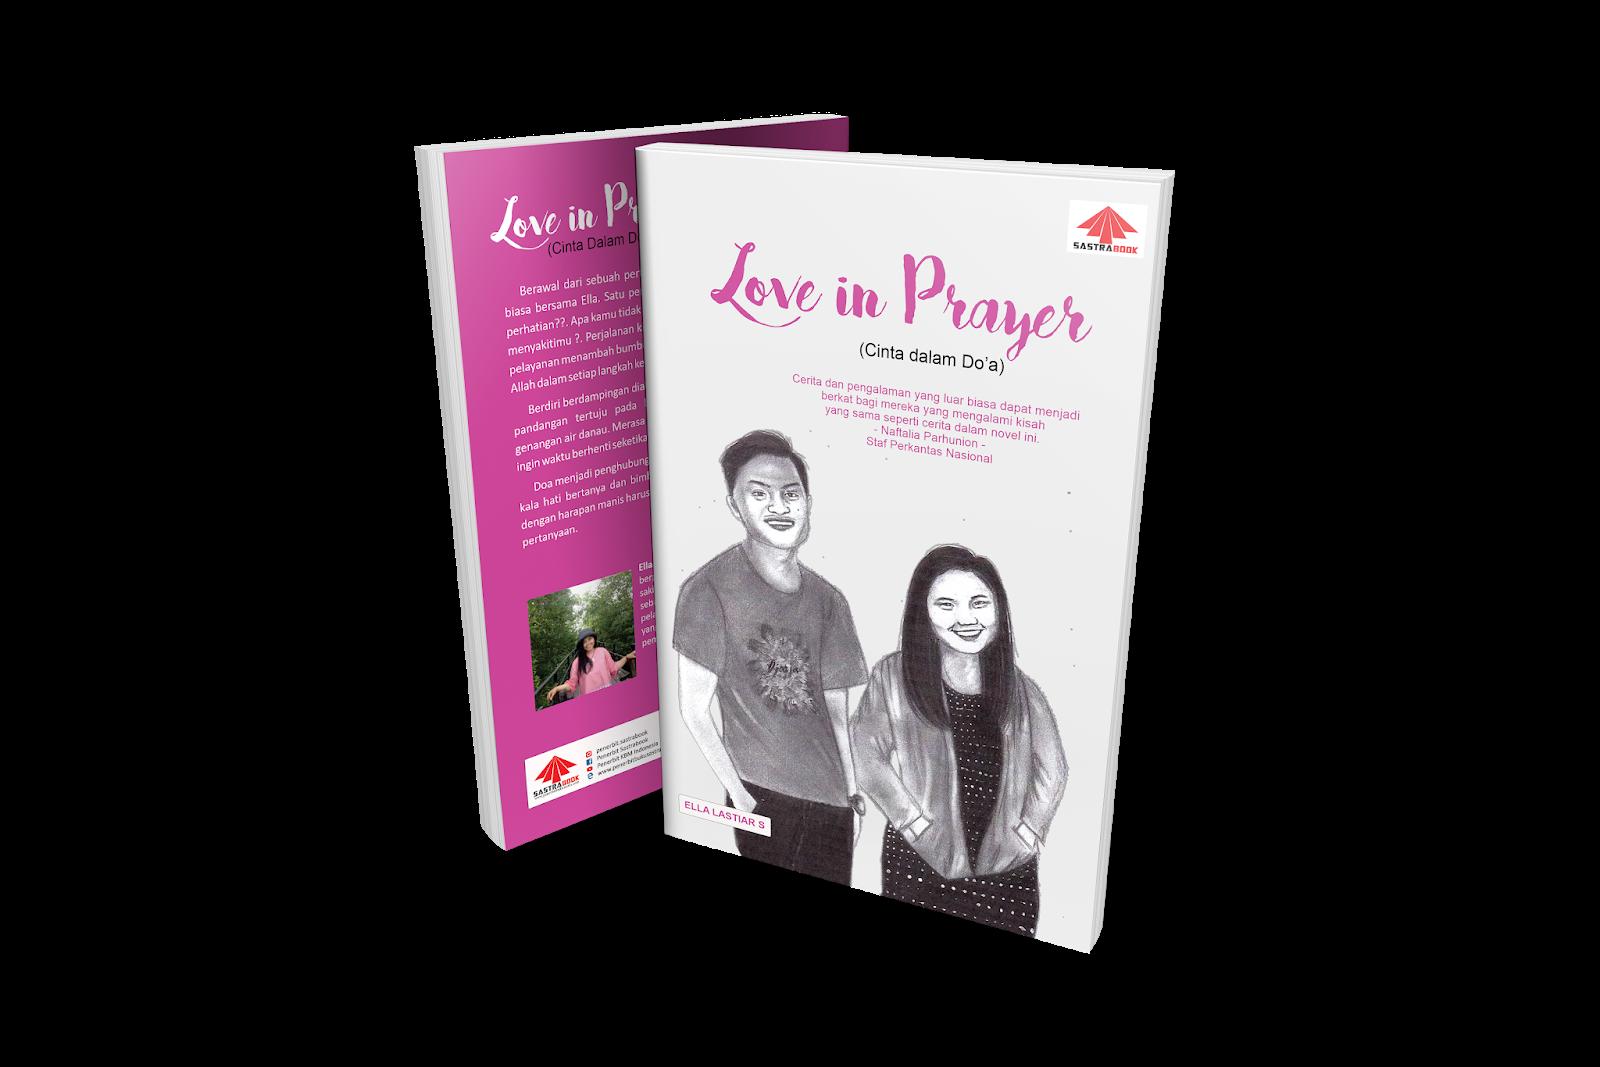 LOVE IN PRAYER